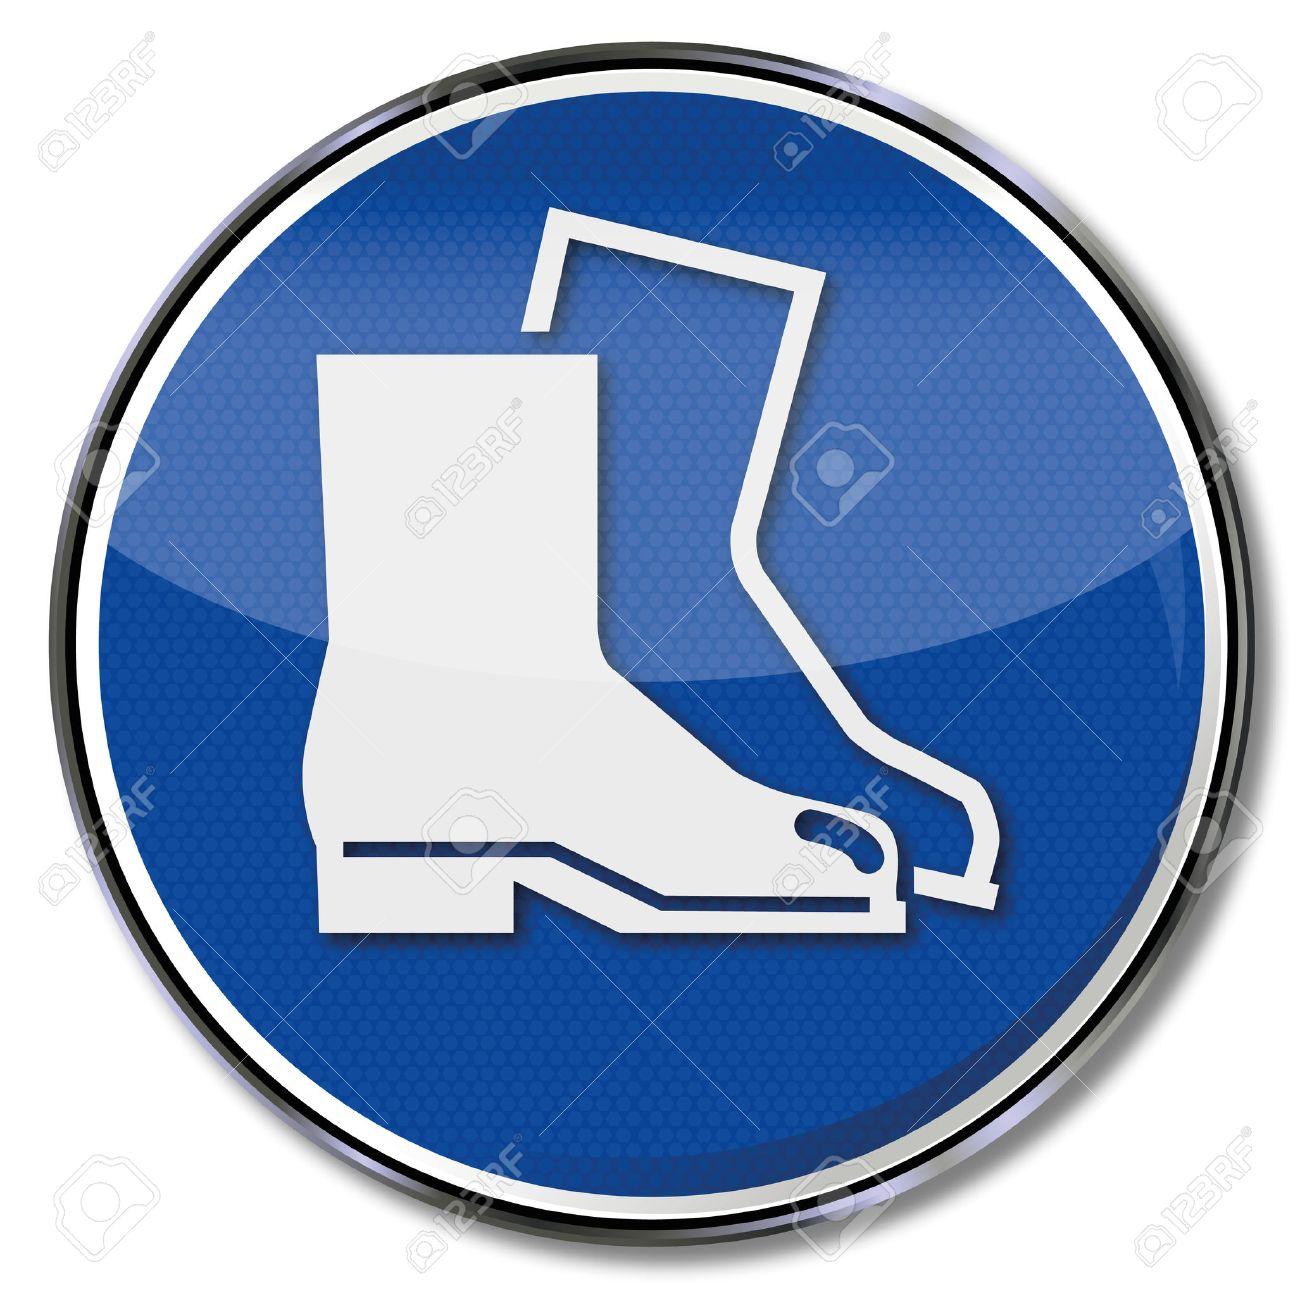 Mandatory sign use safety shoes - 27334659